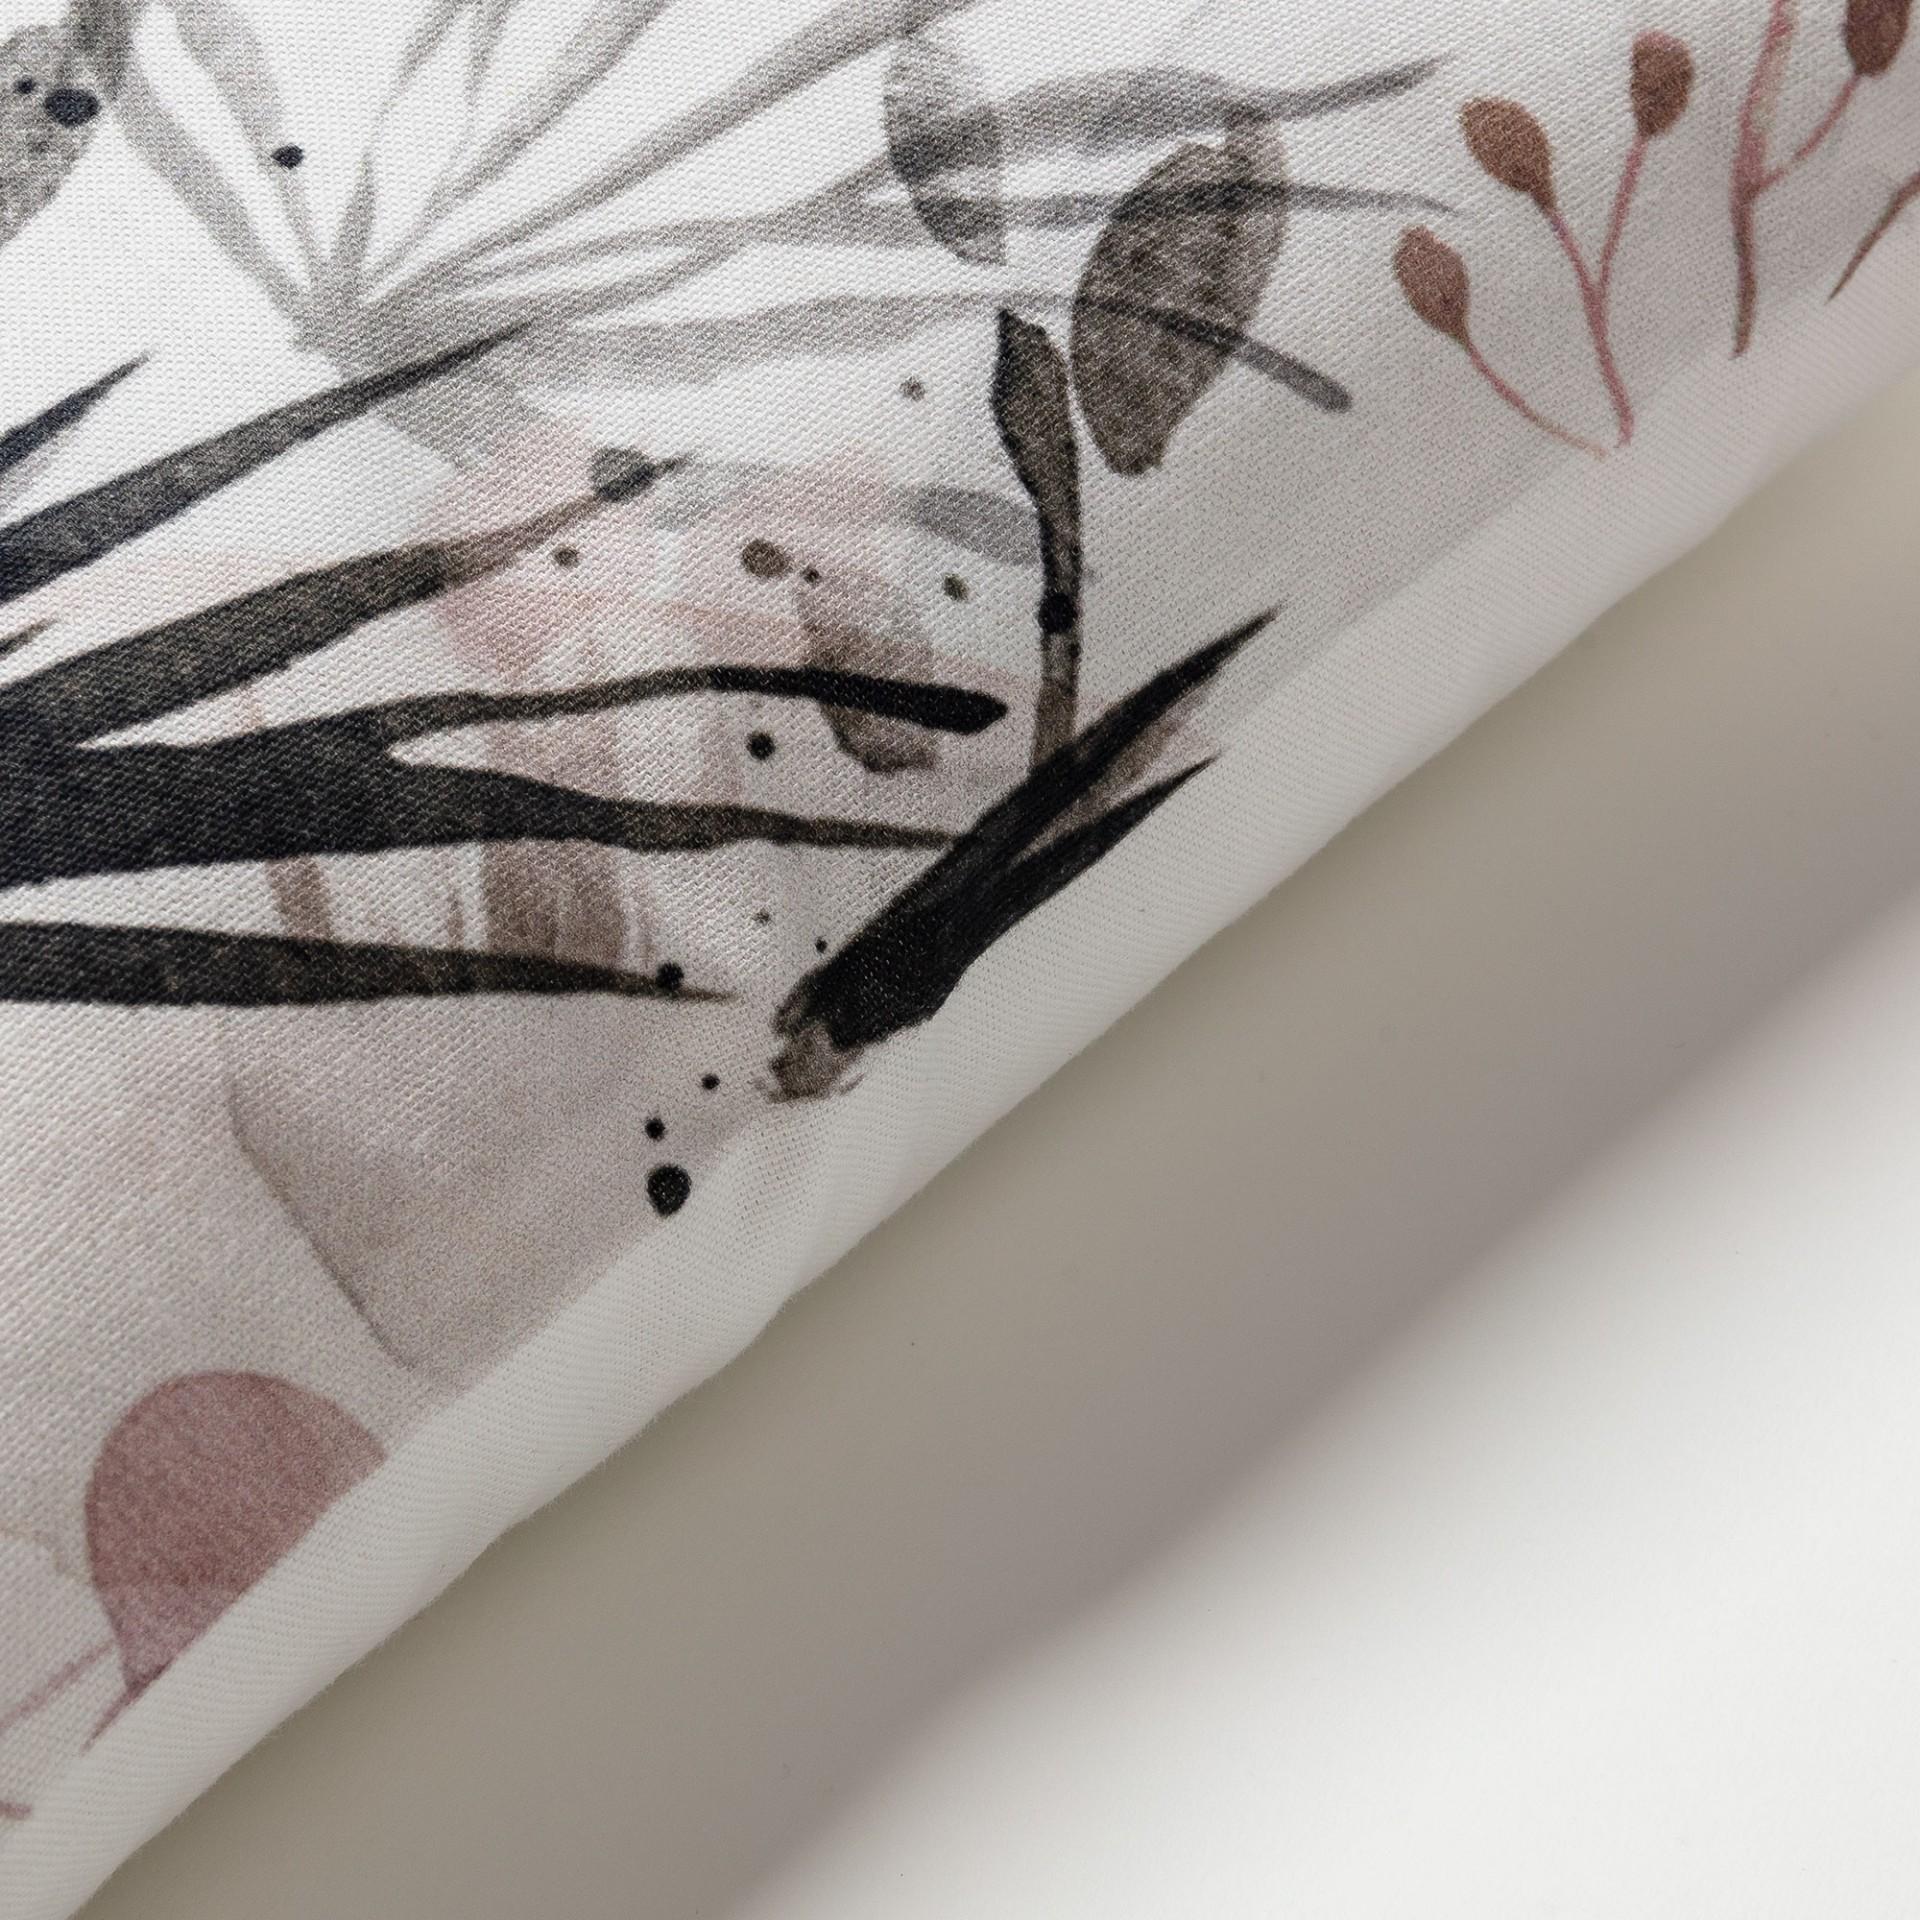 Capa de almofada Korty, branco/preto/rosa, 45x45